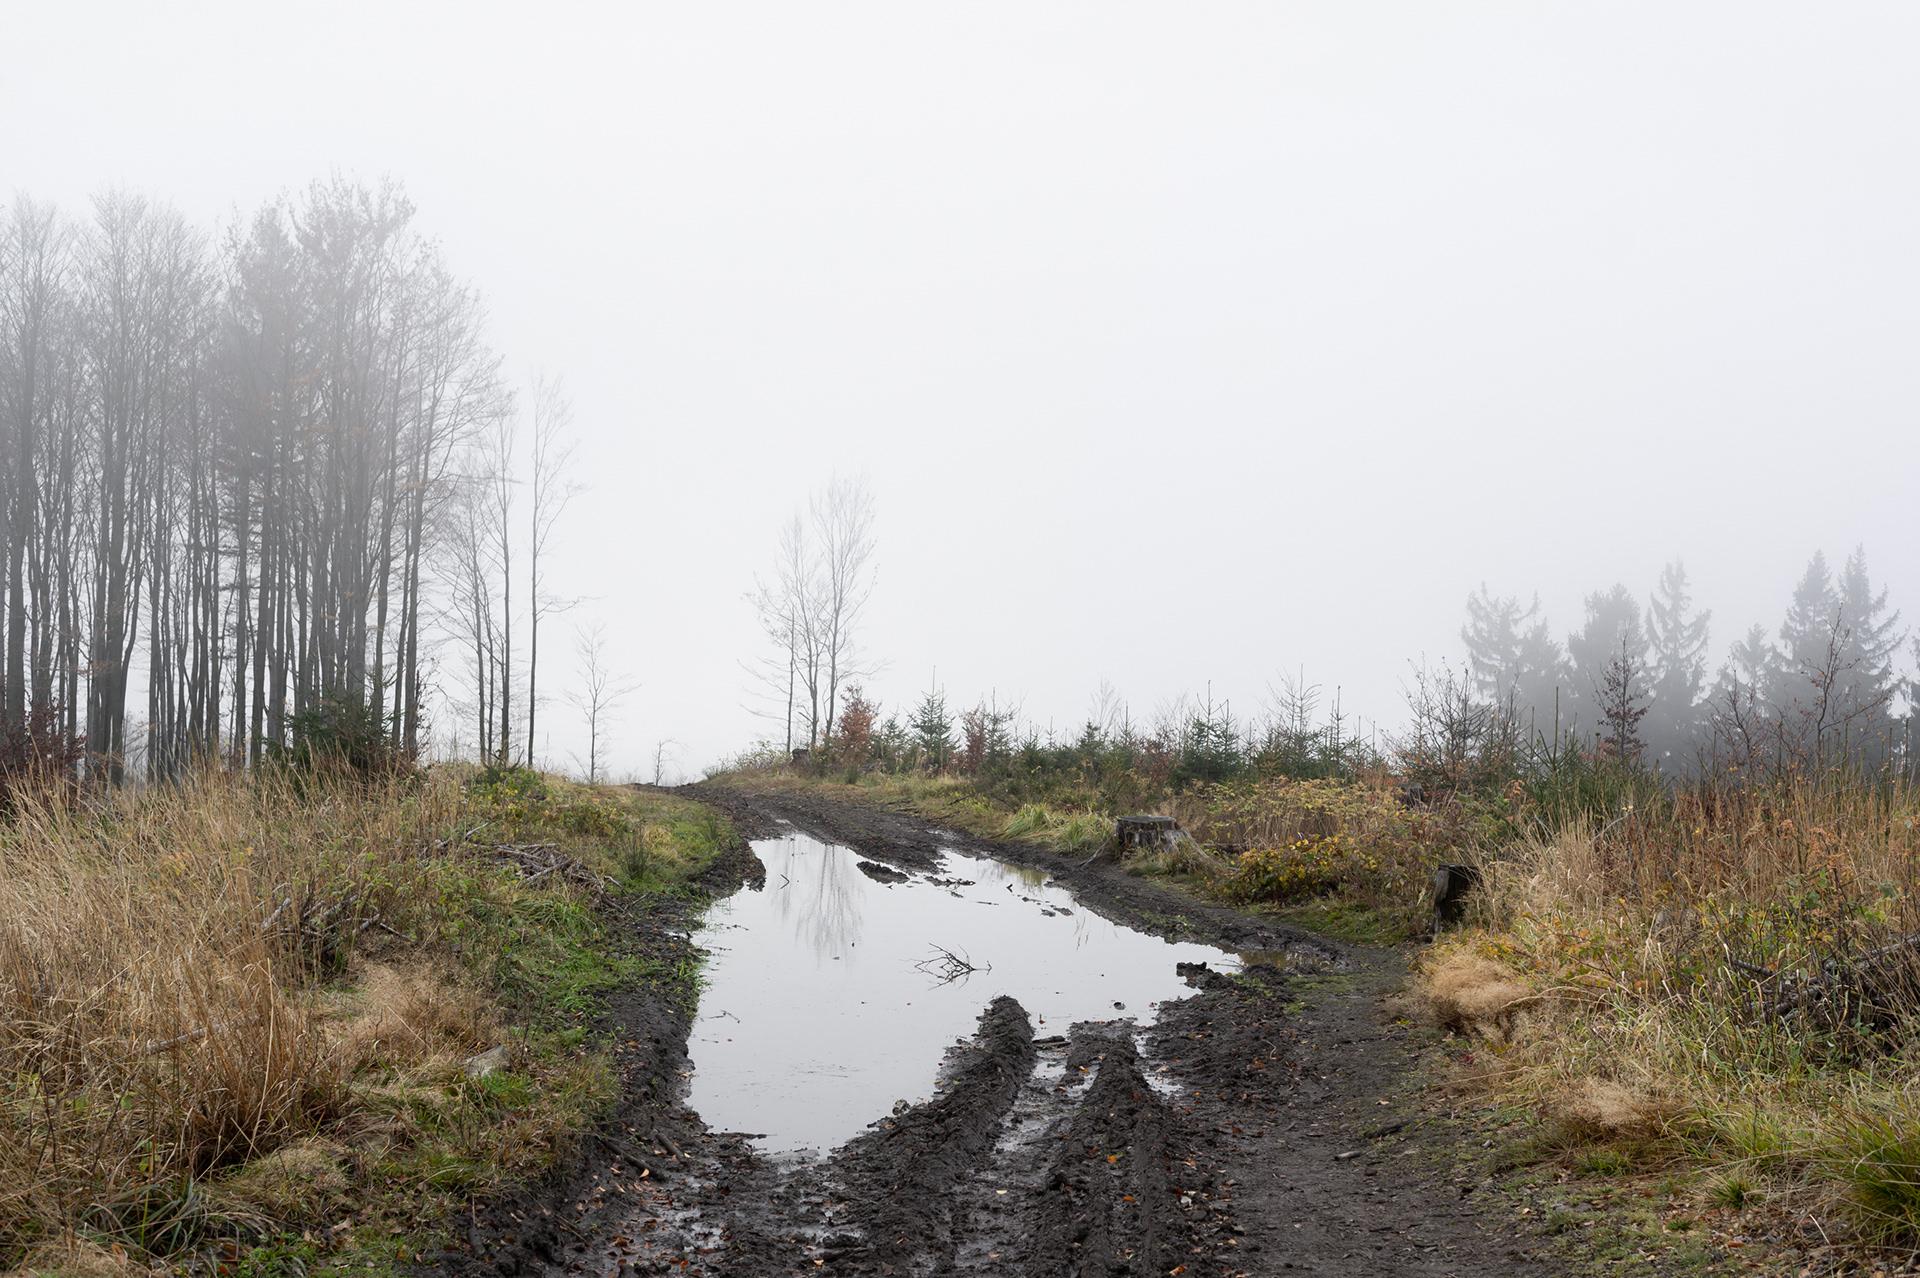 Foggy landscape with puddle, Kozubová, Beskid mountains, Czech Republic